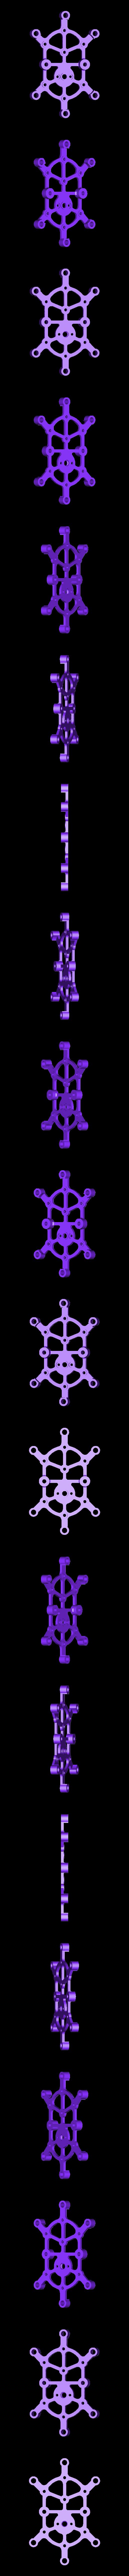 Frame1_v2.stl Télécharger fichier STL gratuit Kozjavcka ( Козявка ) • Modèle pour impression 3D, SiberK